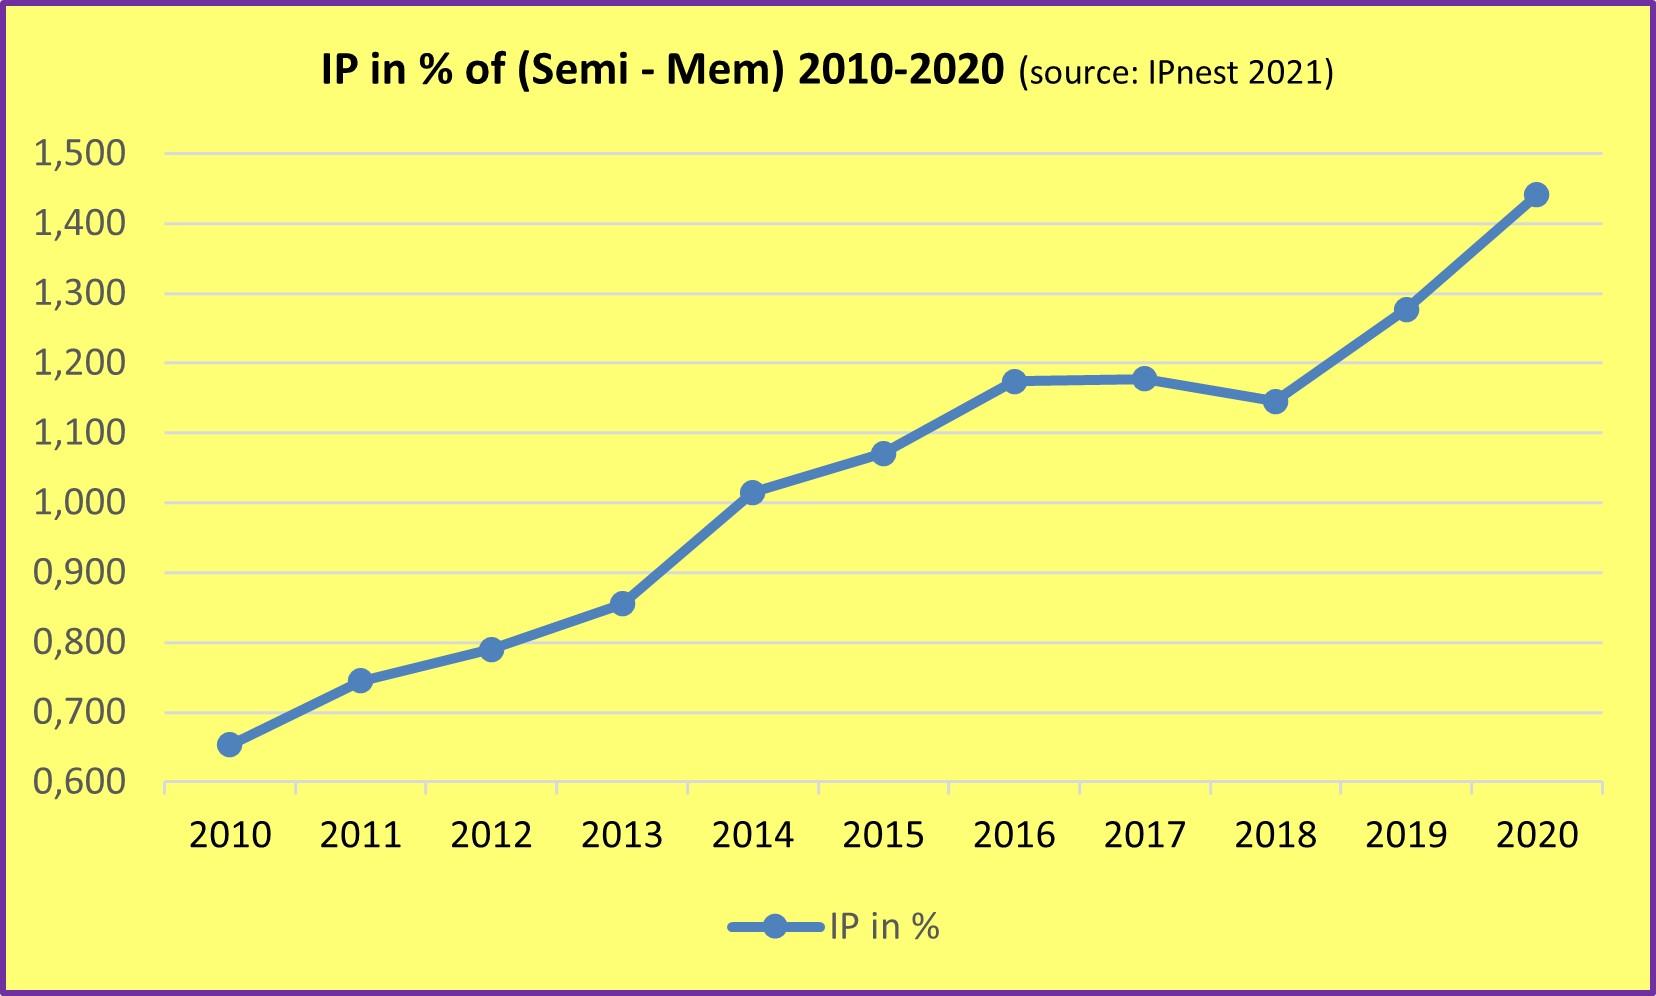 IP vs Semi Mem 2021